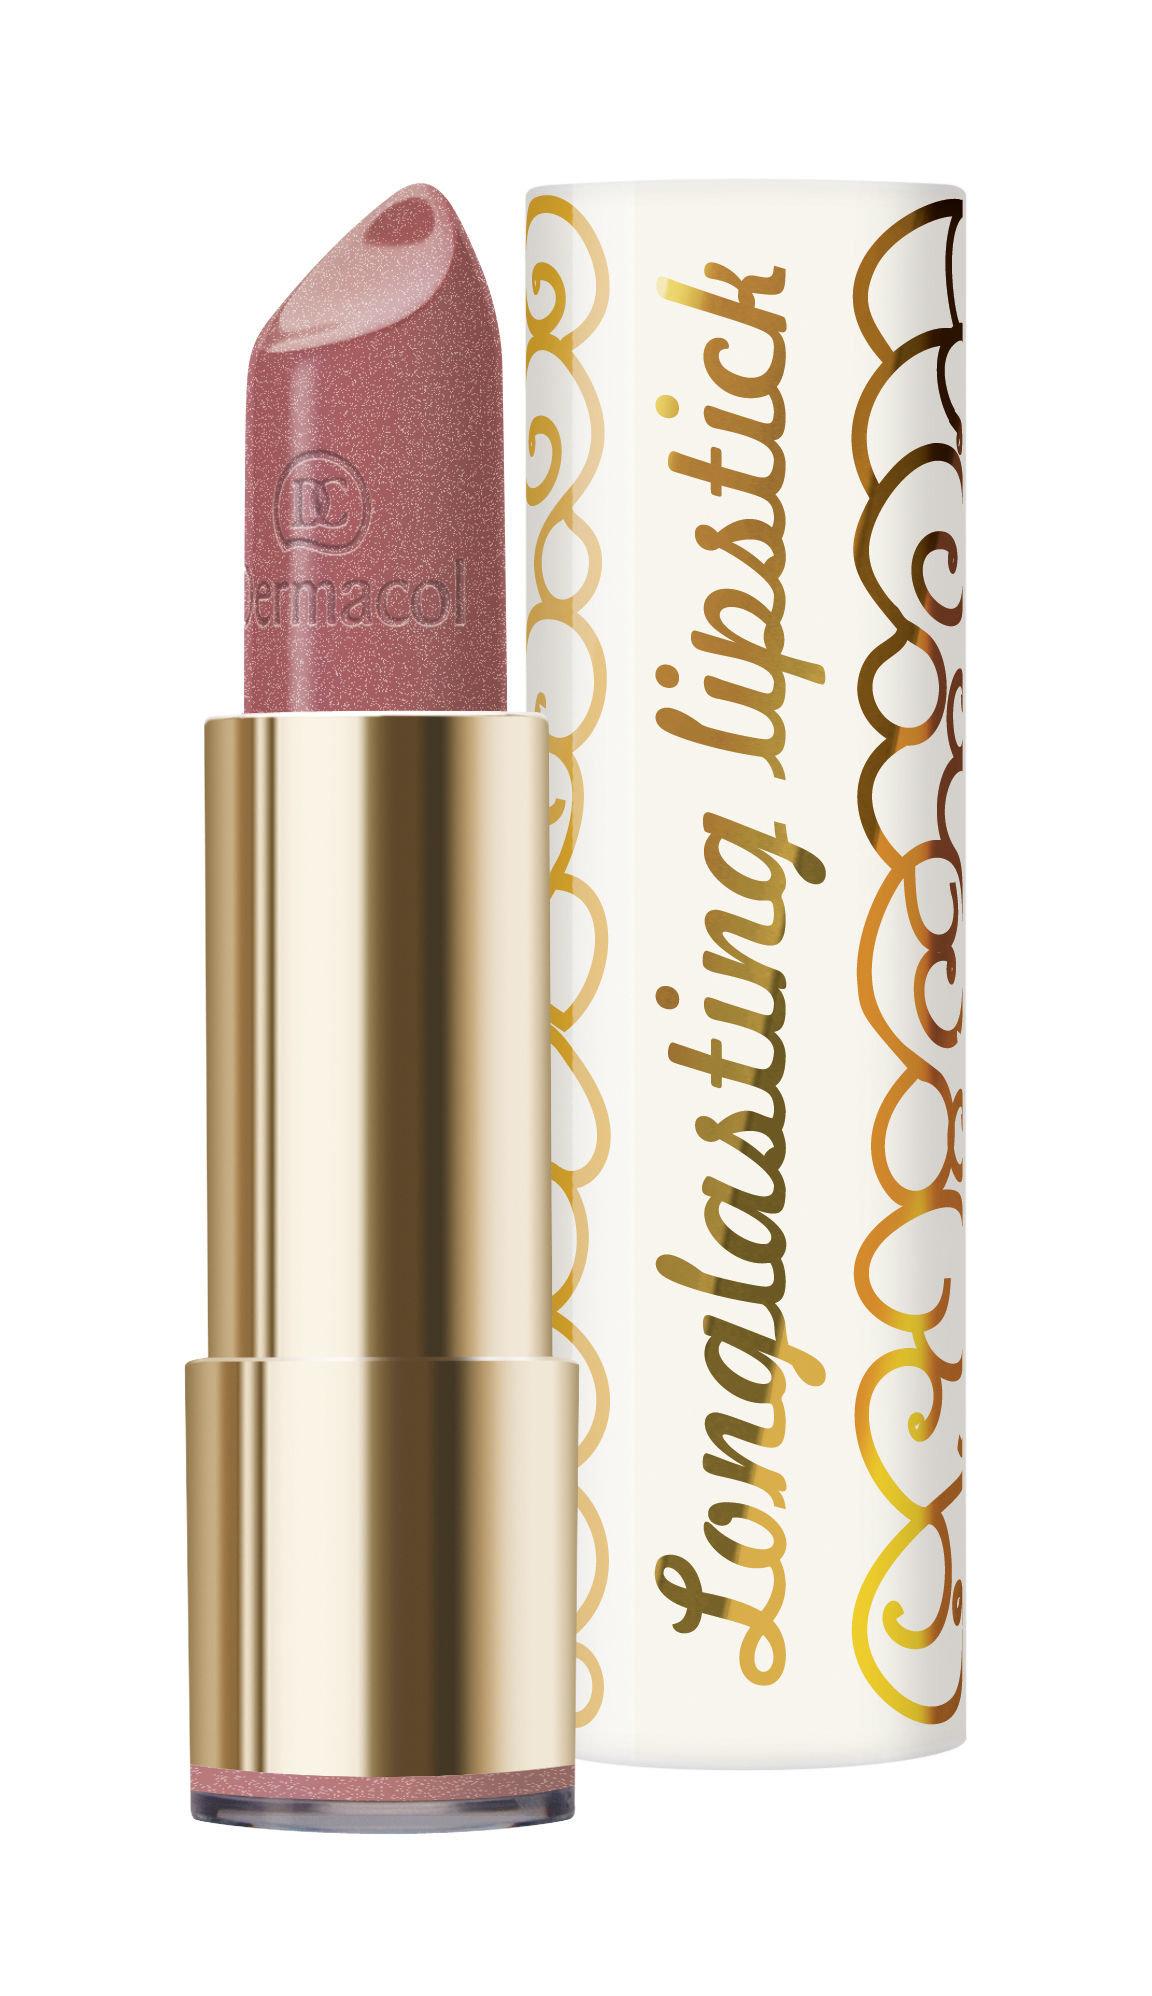 Dermacol Longlasting Cosmetic 4,8ml 13